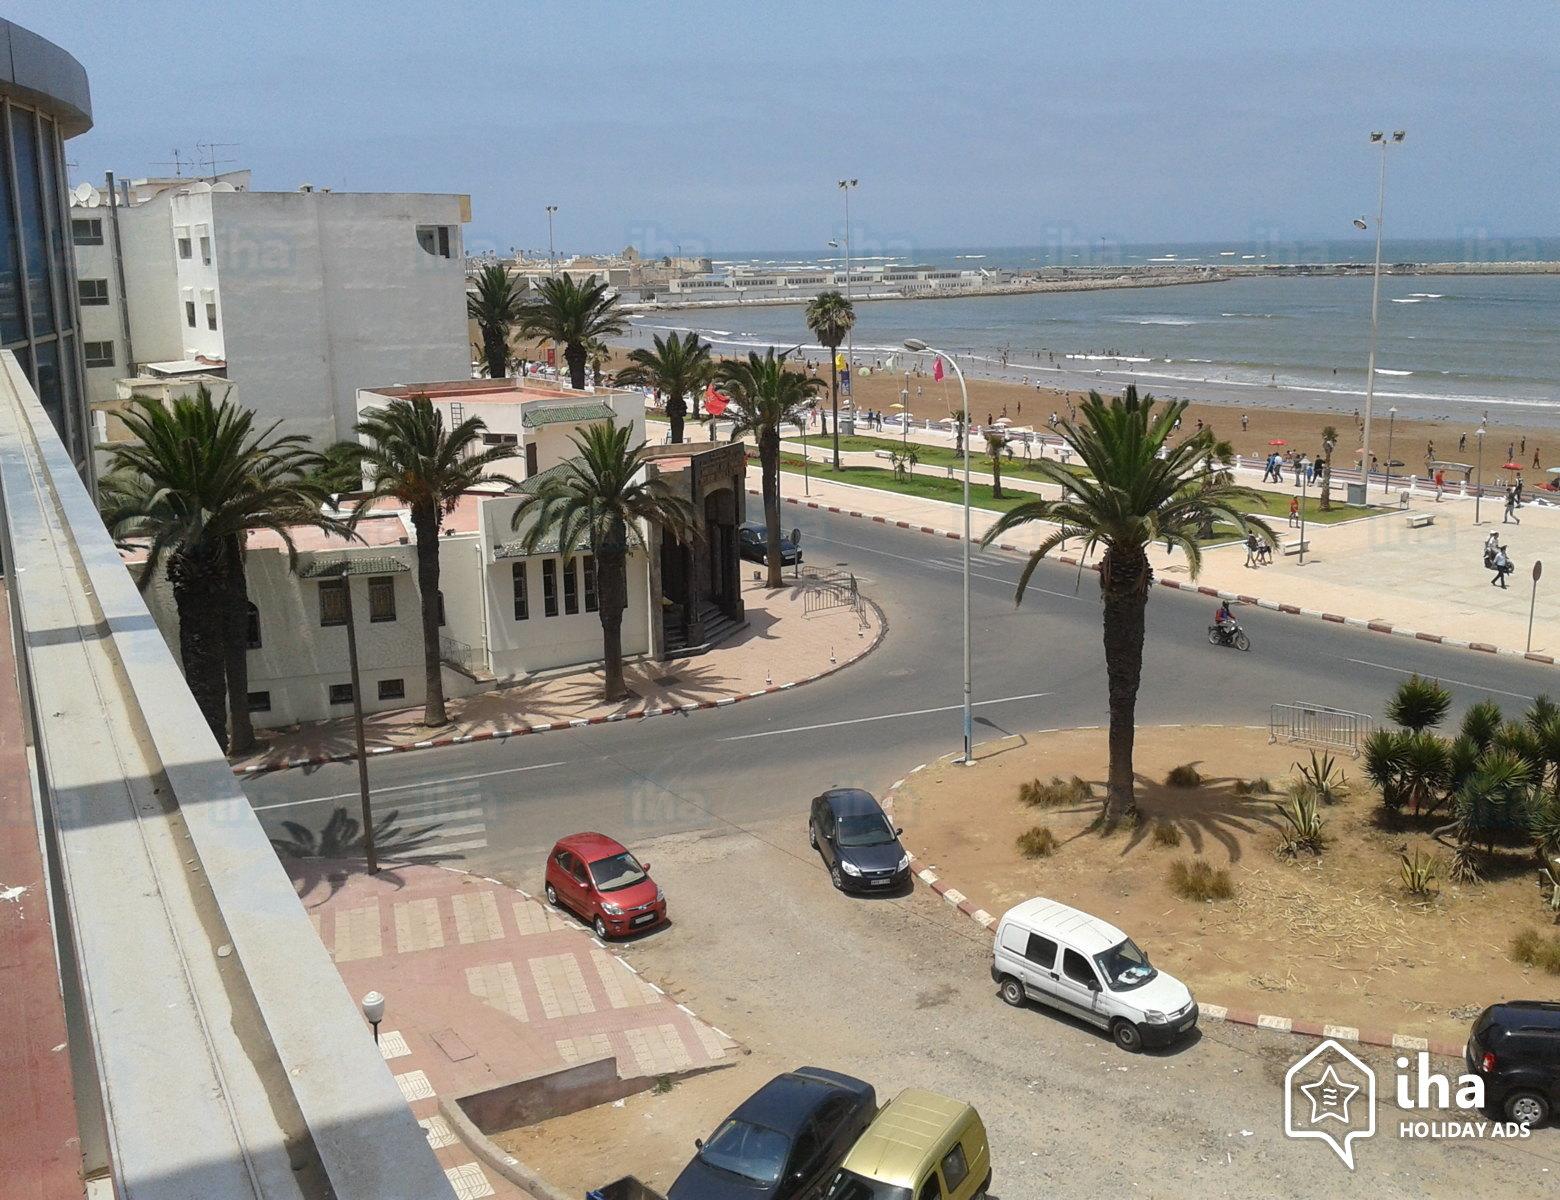 Location El Jadida Pour Vos Vacances Avec Iha Particulier concernant Les Jardins D El Jadida